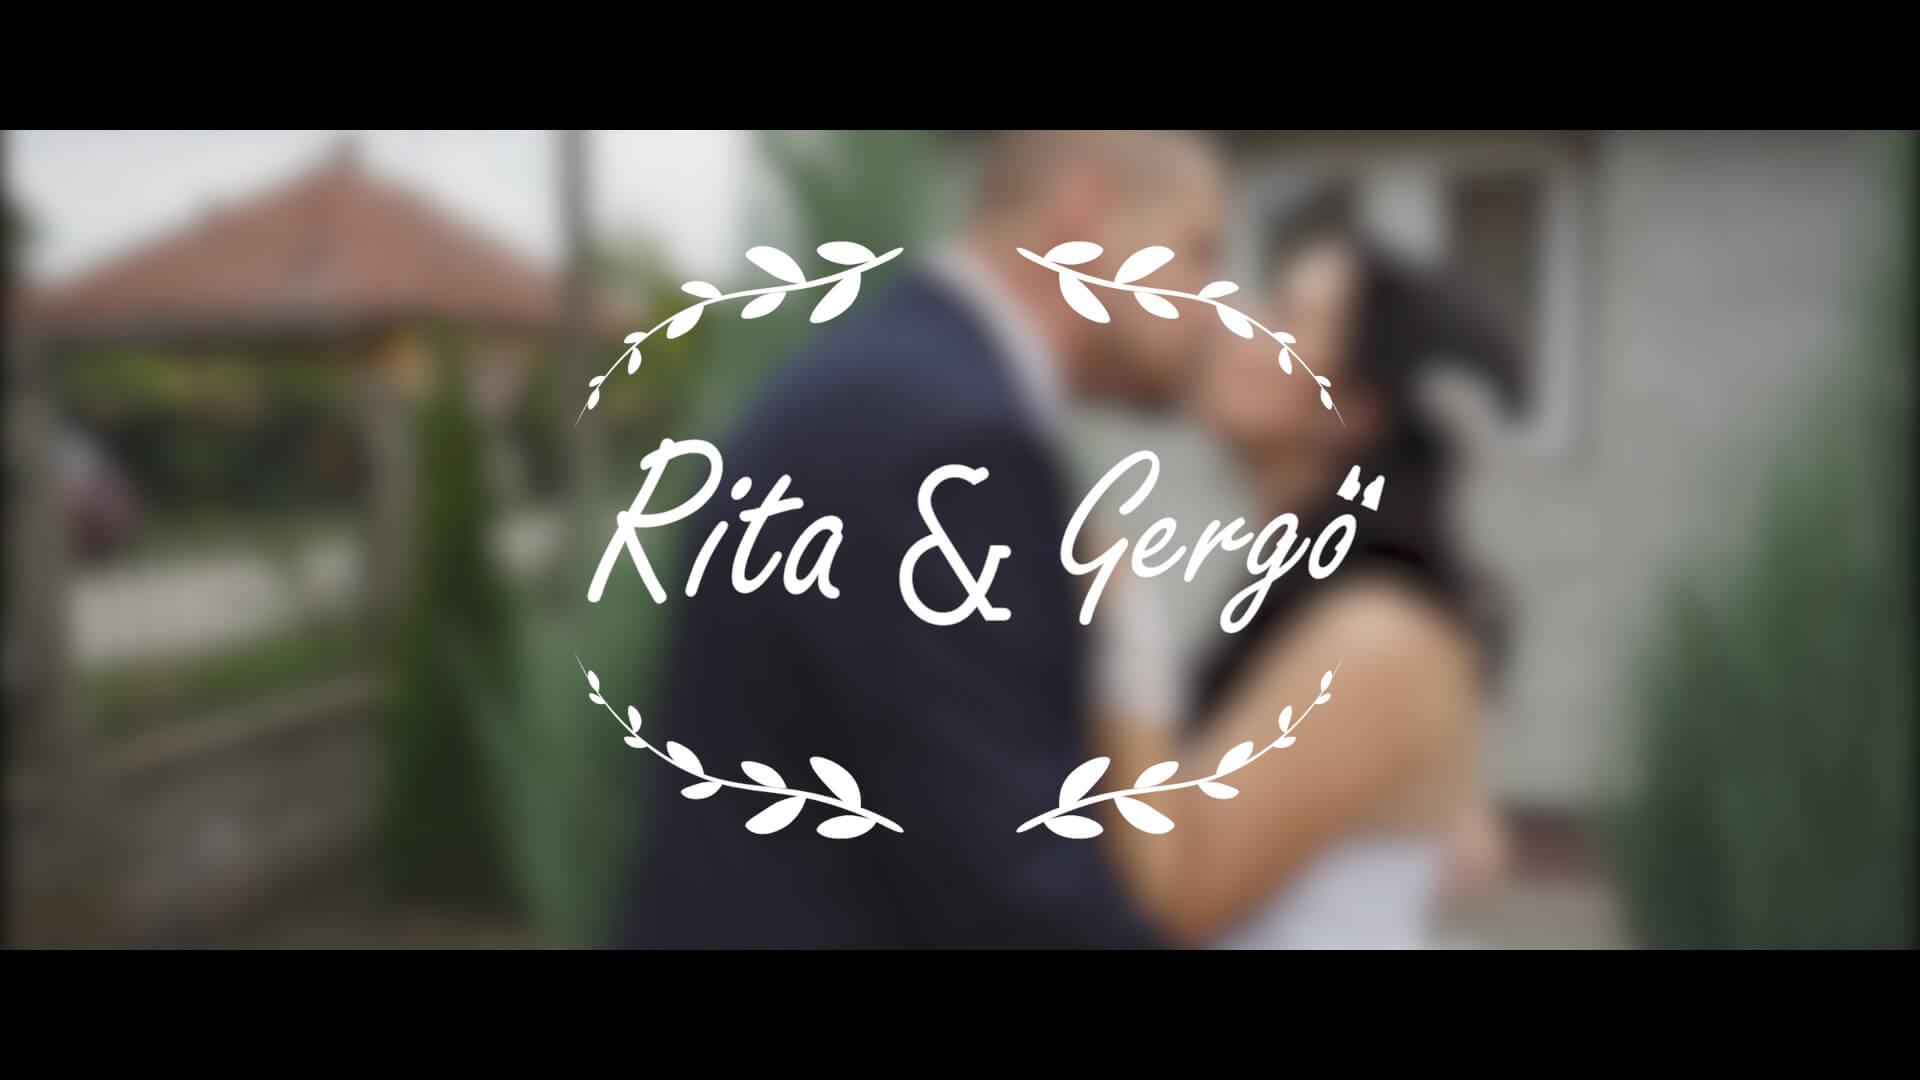 Rita és Gergő Highlight videó